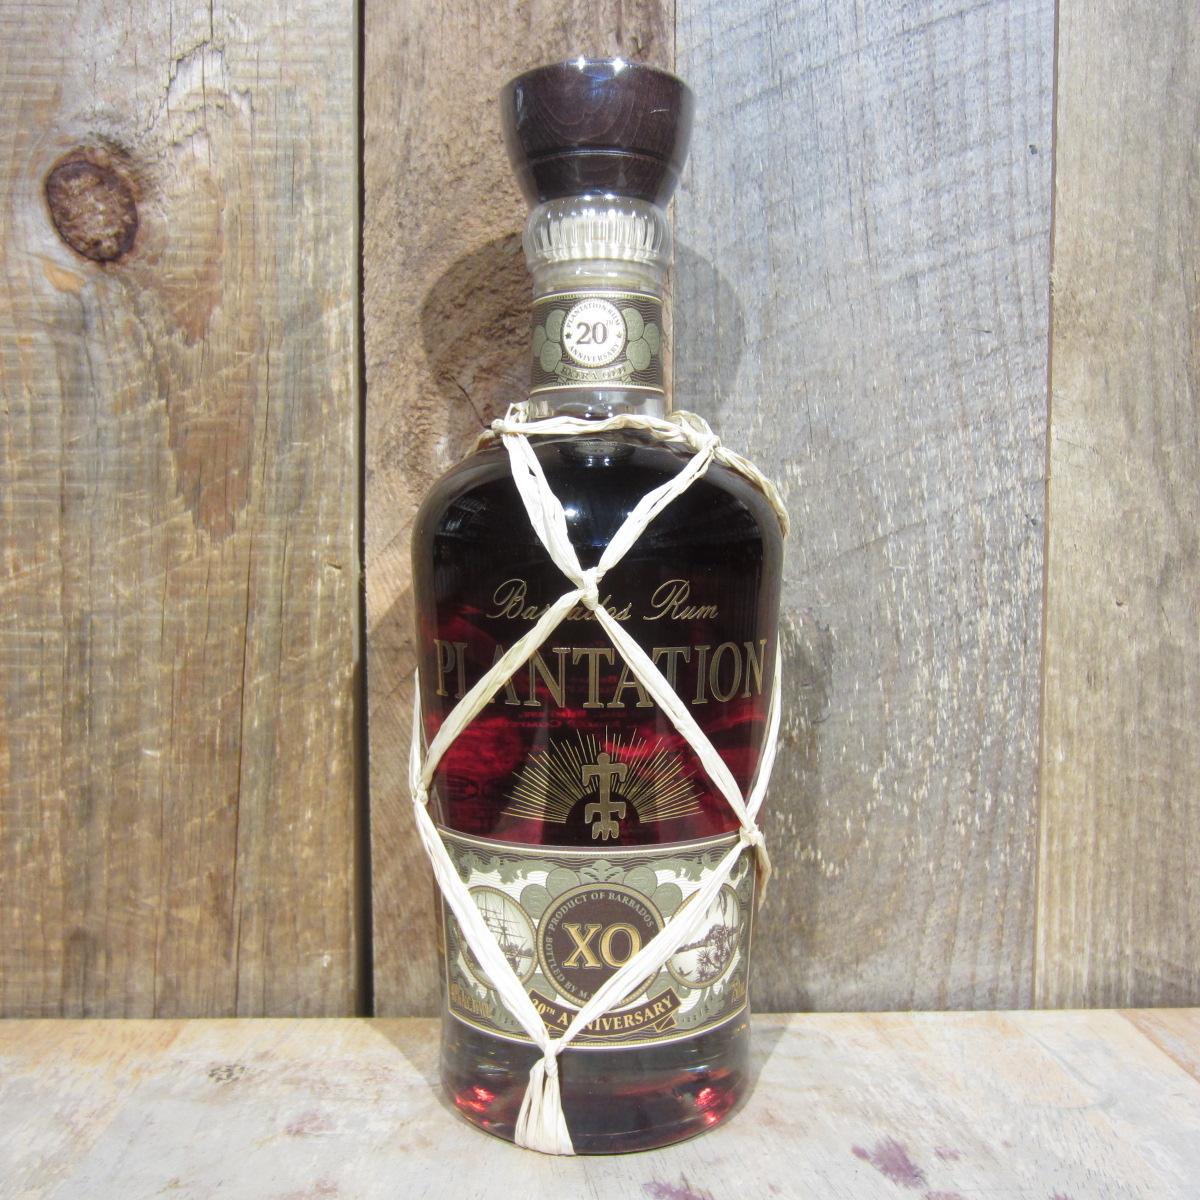 Plantation XO Rum 20th Anniversary Barbados 750ml